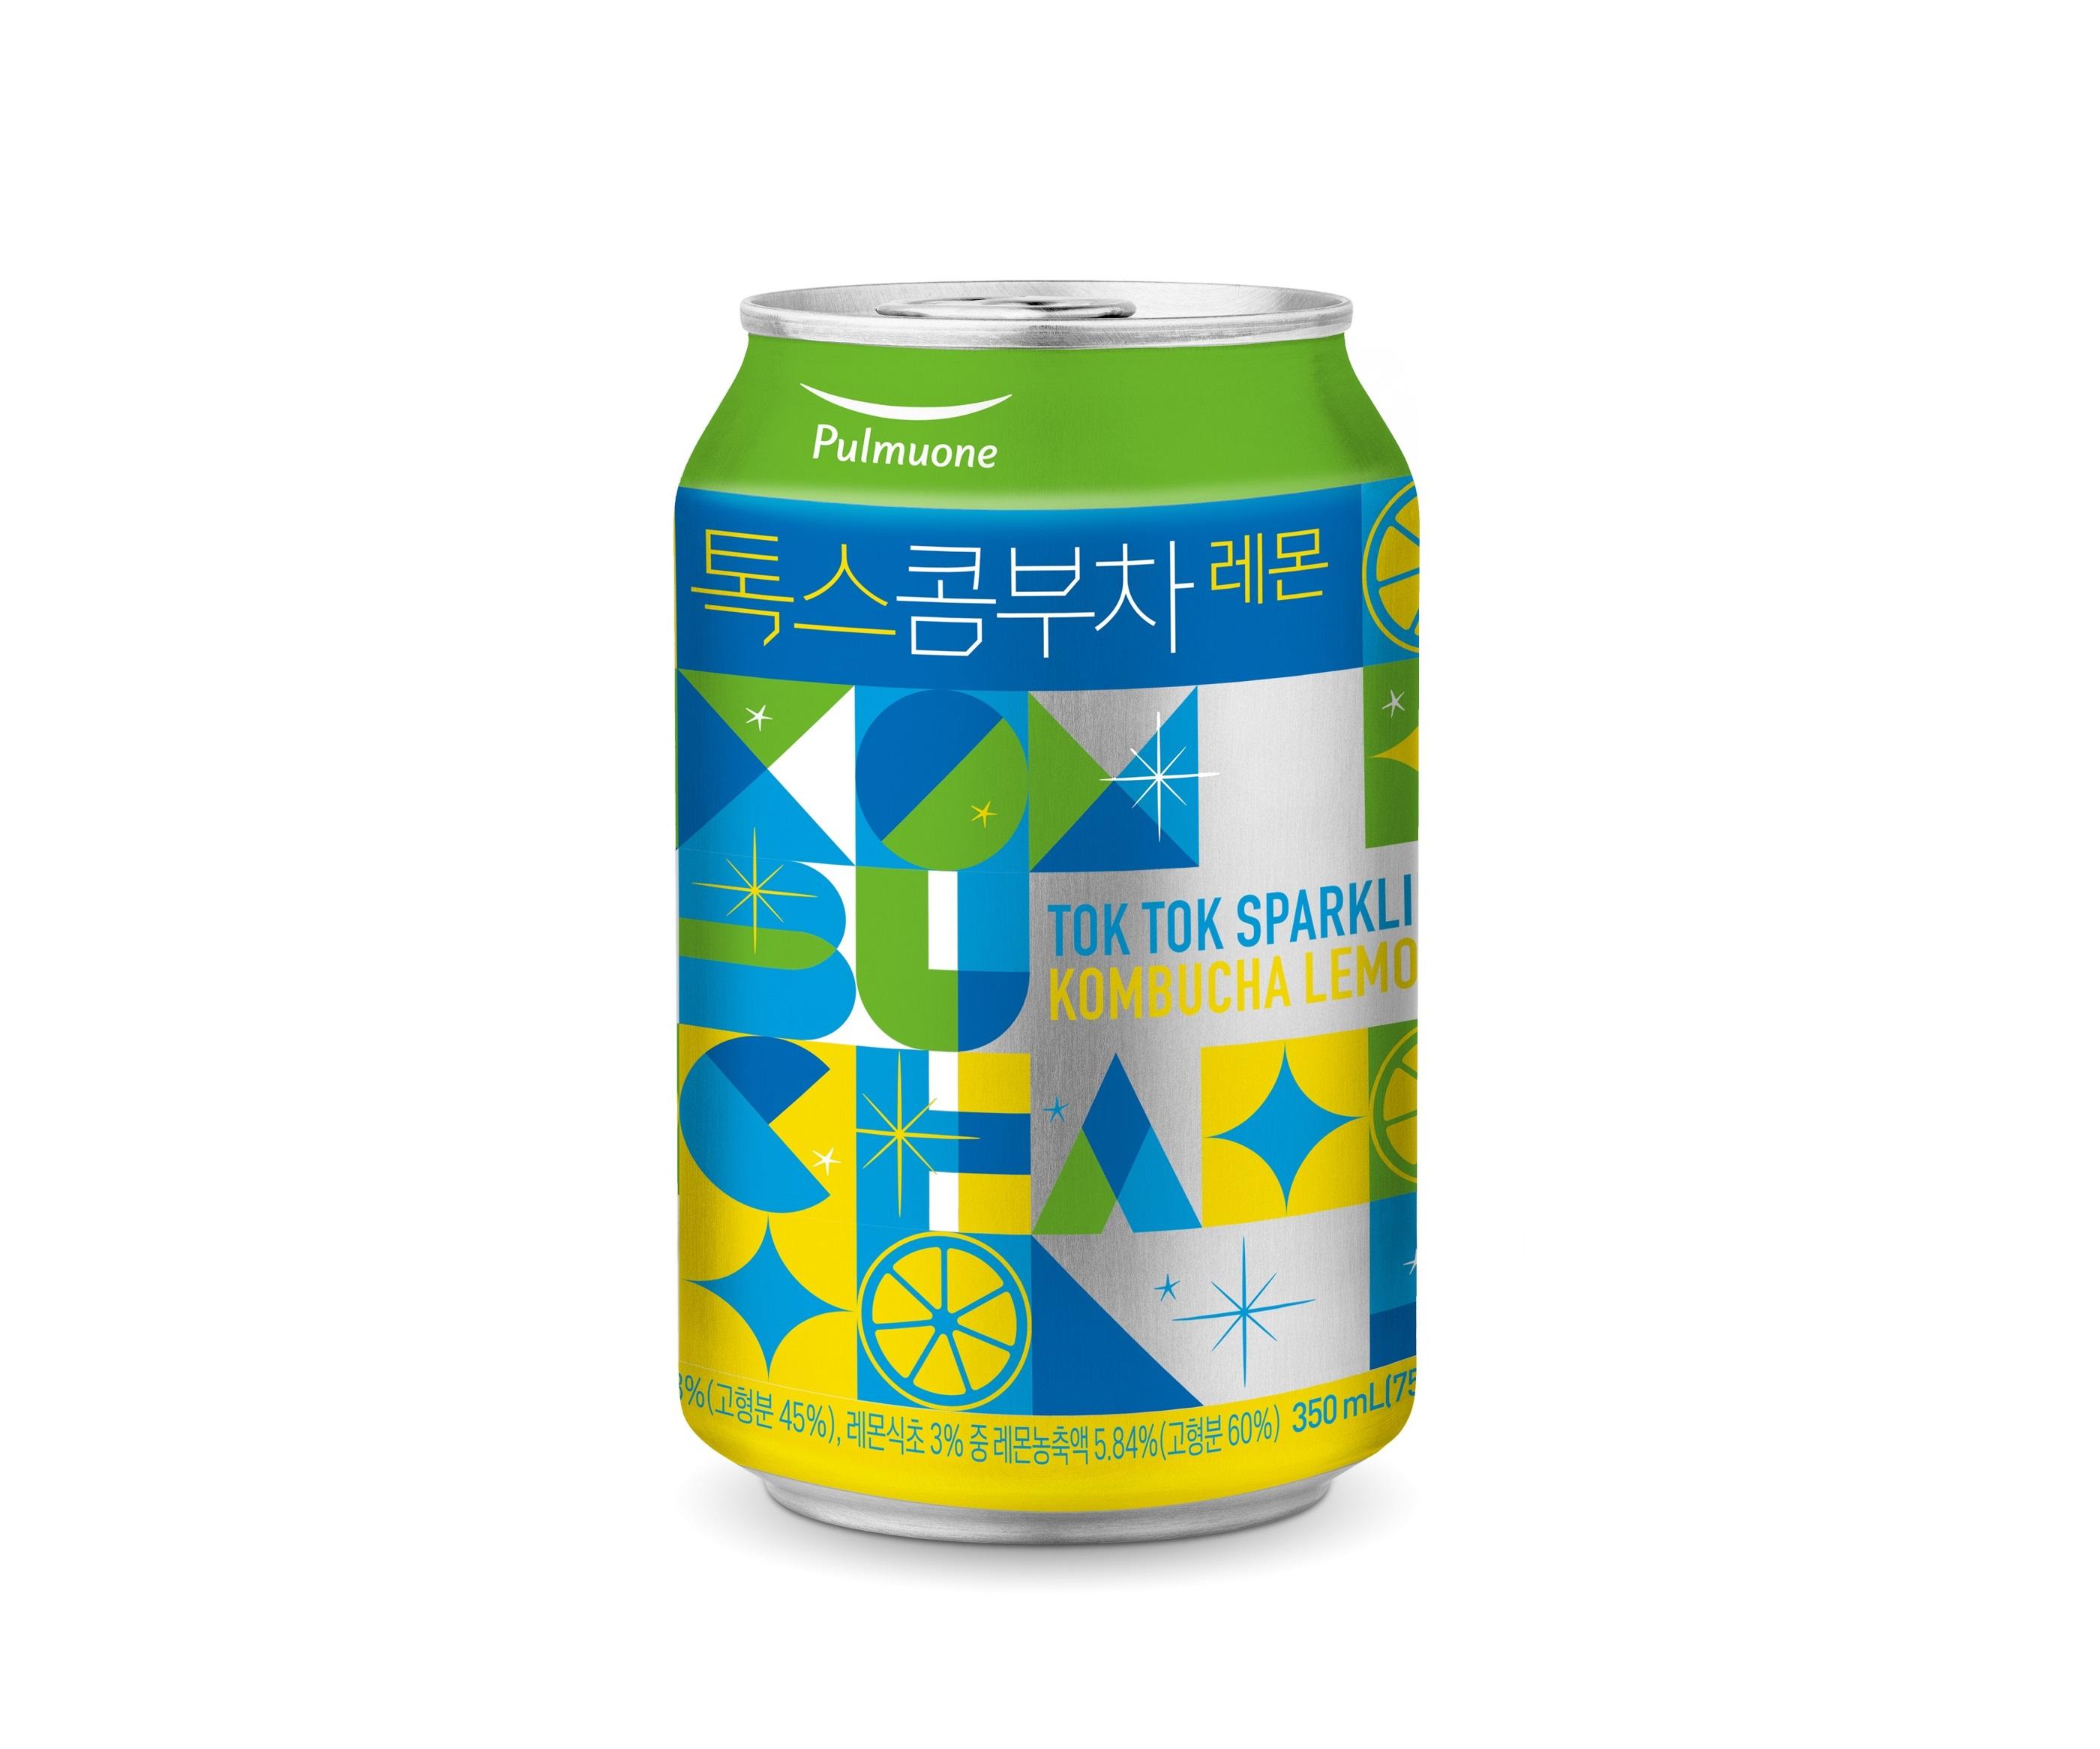 식물성 유산균이 들어간 발효 스파클링 음료... 풀무원녹즙 <톡스콤부차 레몬>